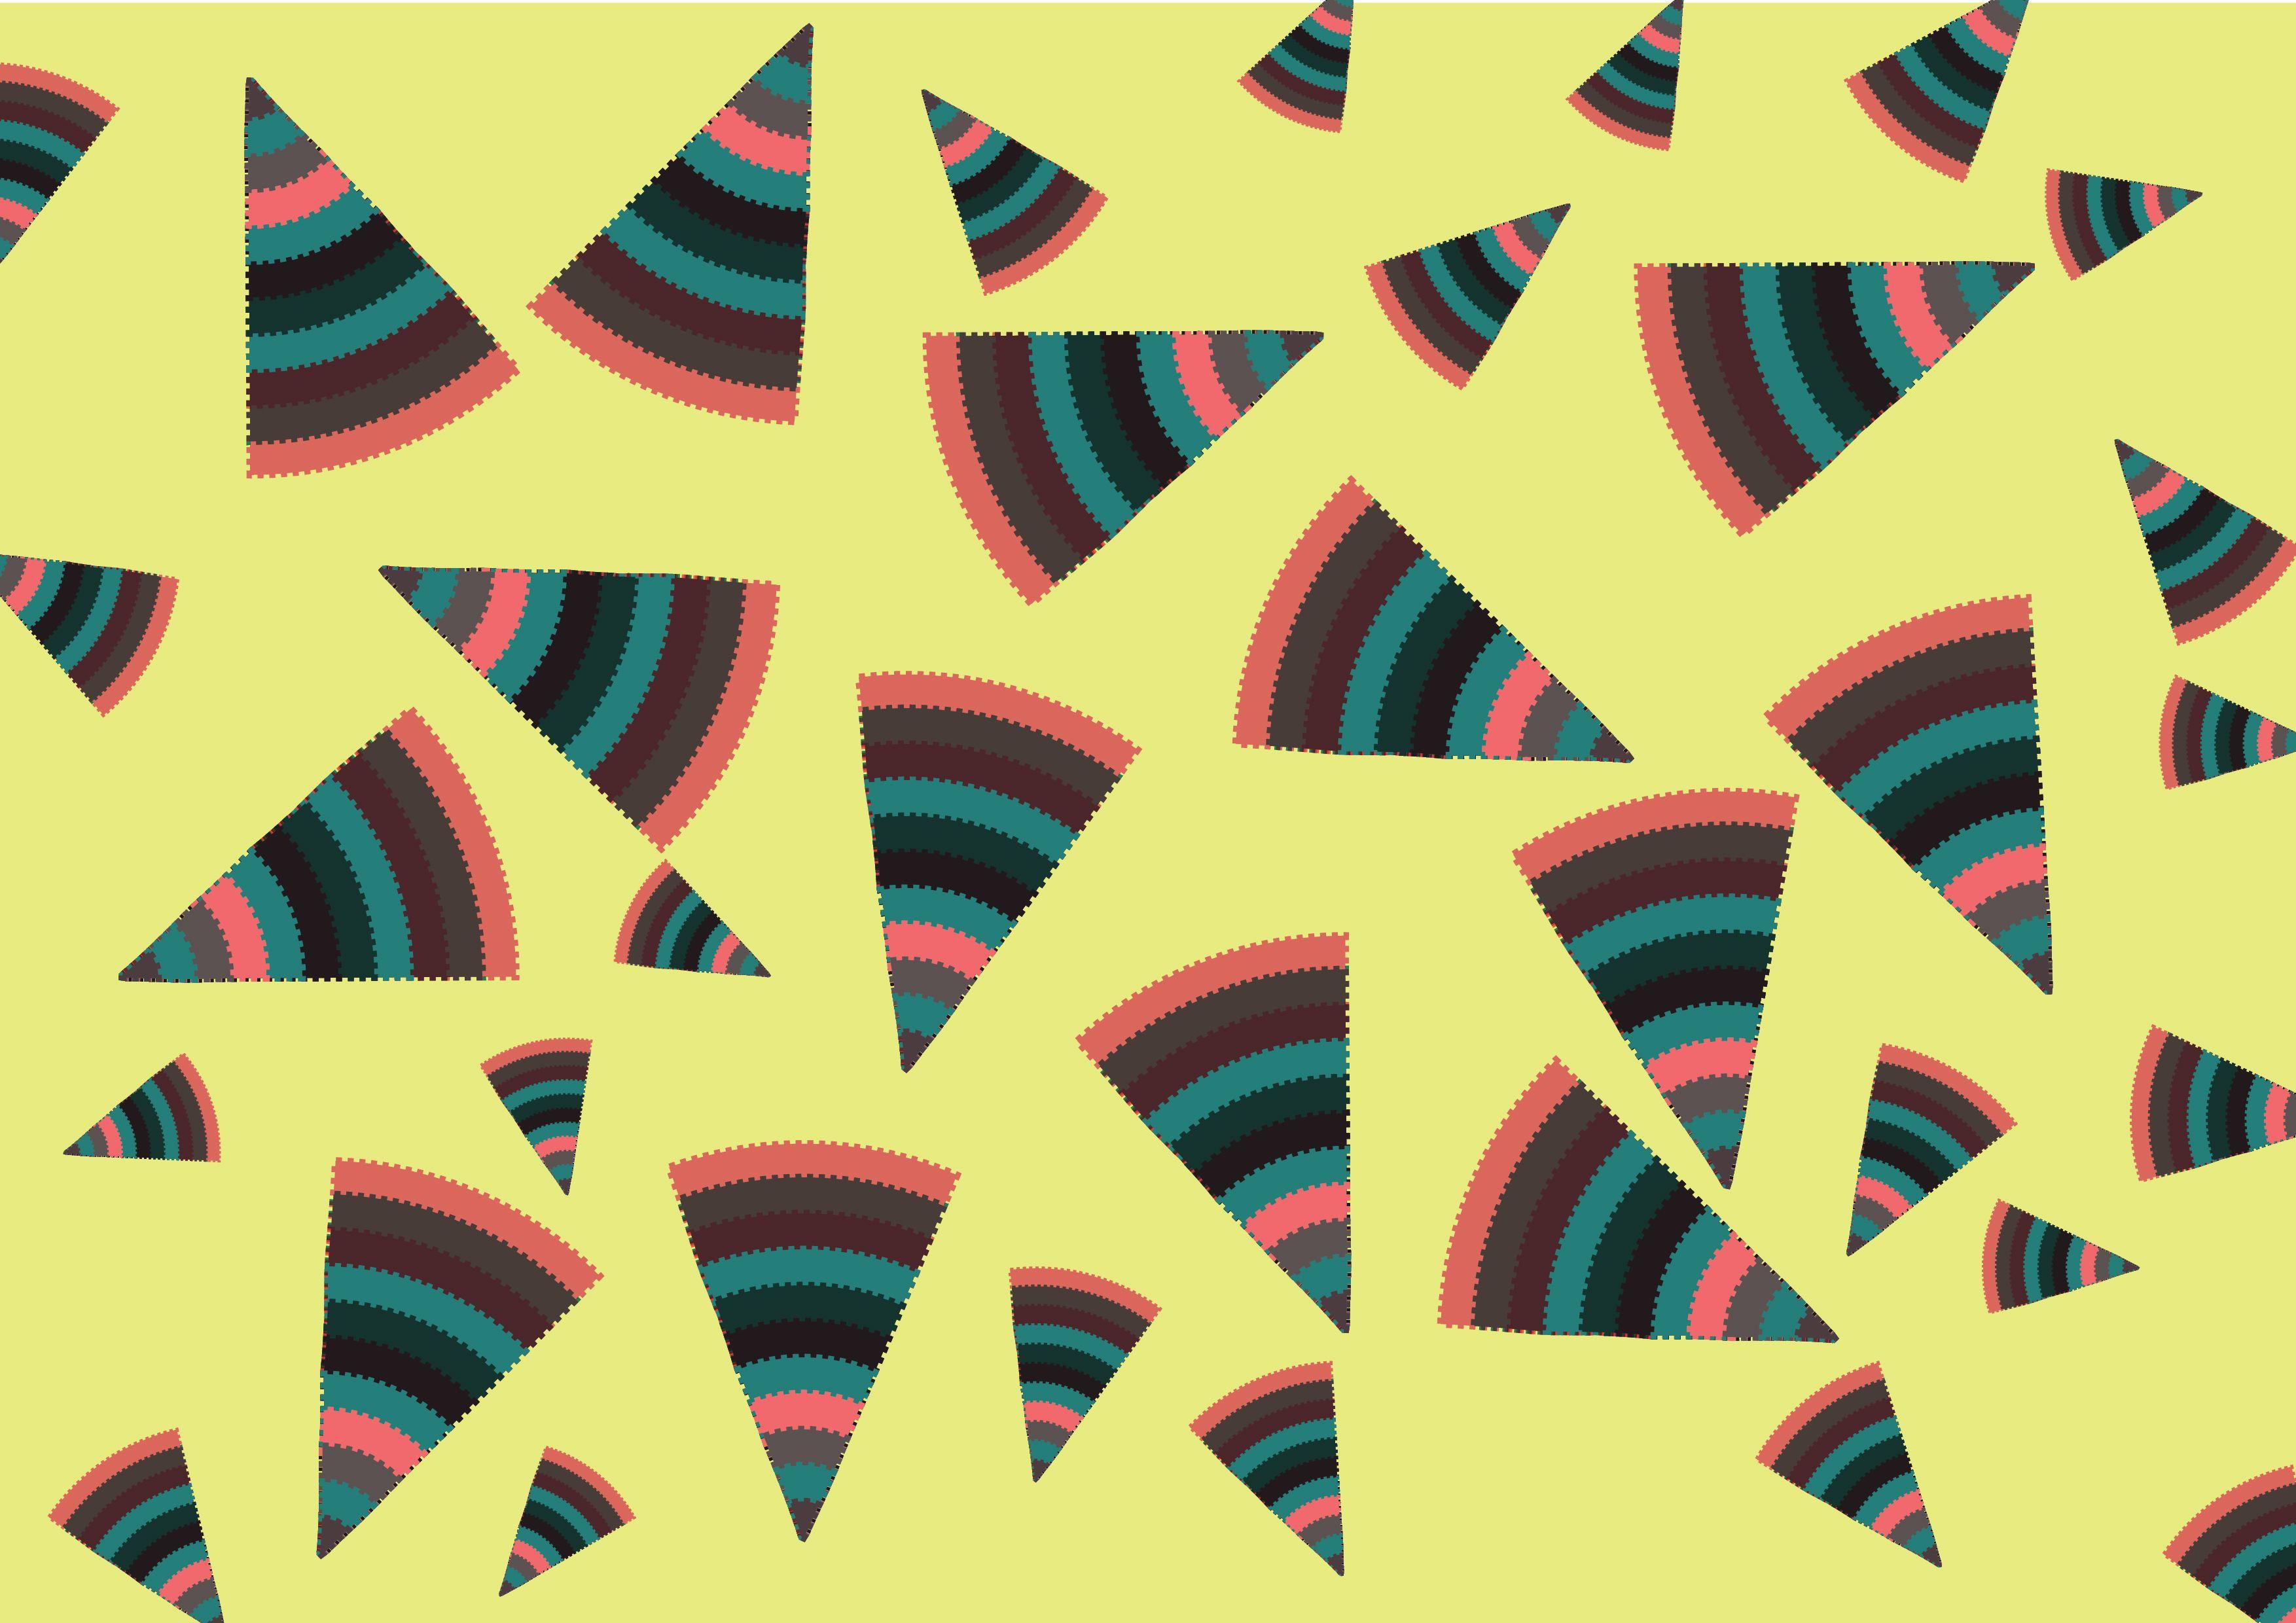 9 - Tema desarrollado: REPRODUCCIÓN. Secuencia de imágenes en 9 pasos en forma de story-board del concepto asignado. Se utilizaron formas geométricas no figurativas y colores para hacer visible el concepto anteriormente mencionado.